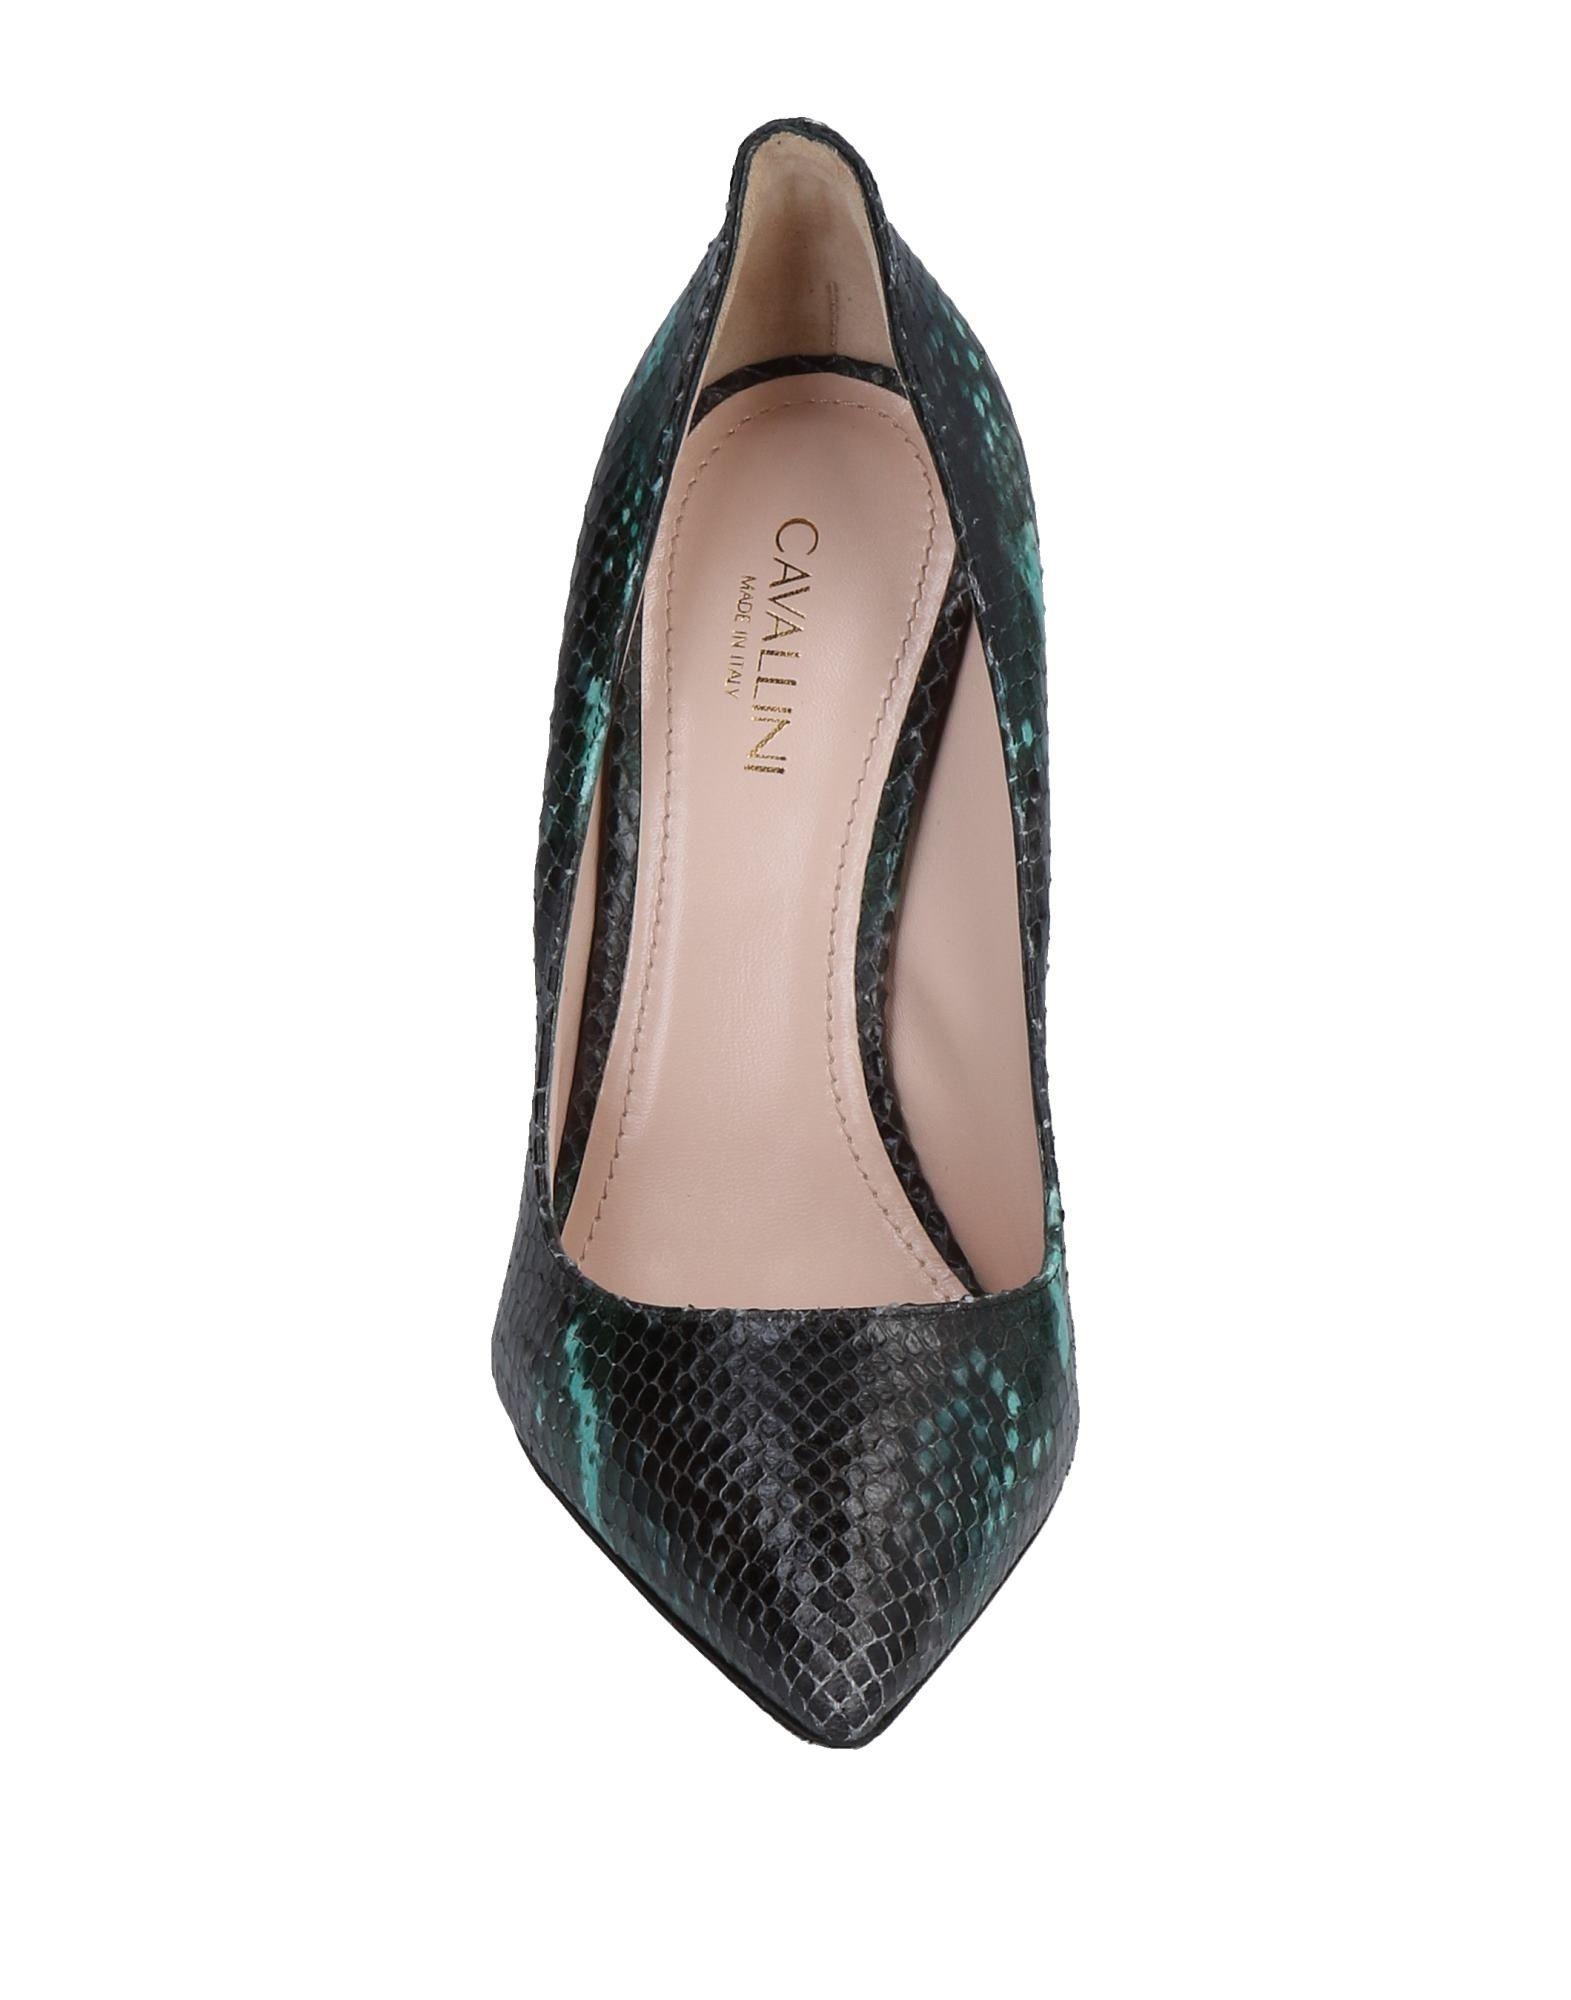 Stilvolle Stilvolle Stilvolle billige Schuhe Cavallini Pumps Damen  11488051RO 5db26a